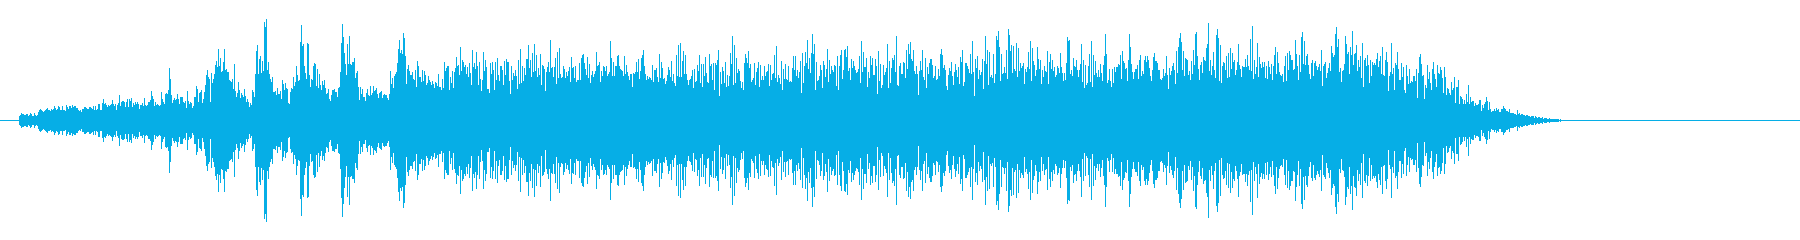 カートインディカー;開始/改訂開始...の再生済みの波形